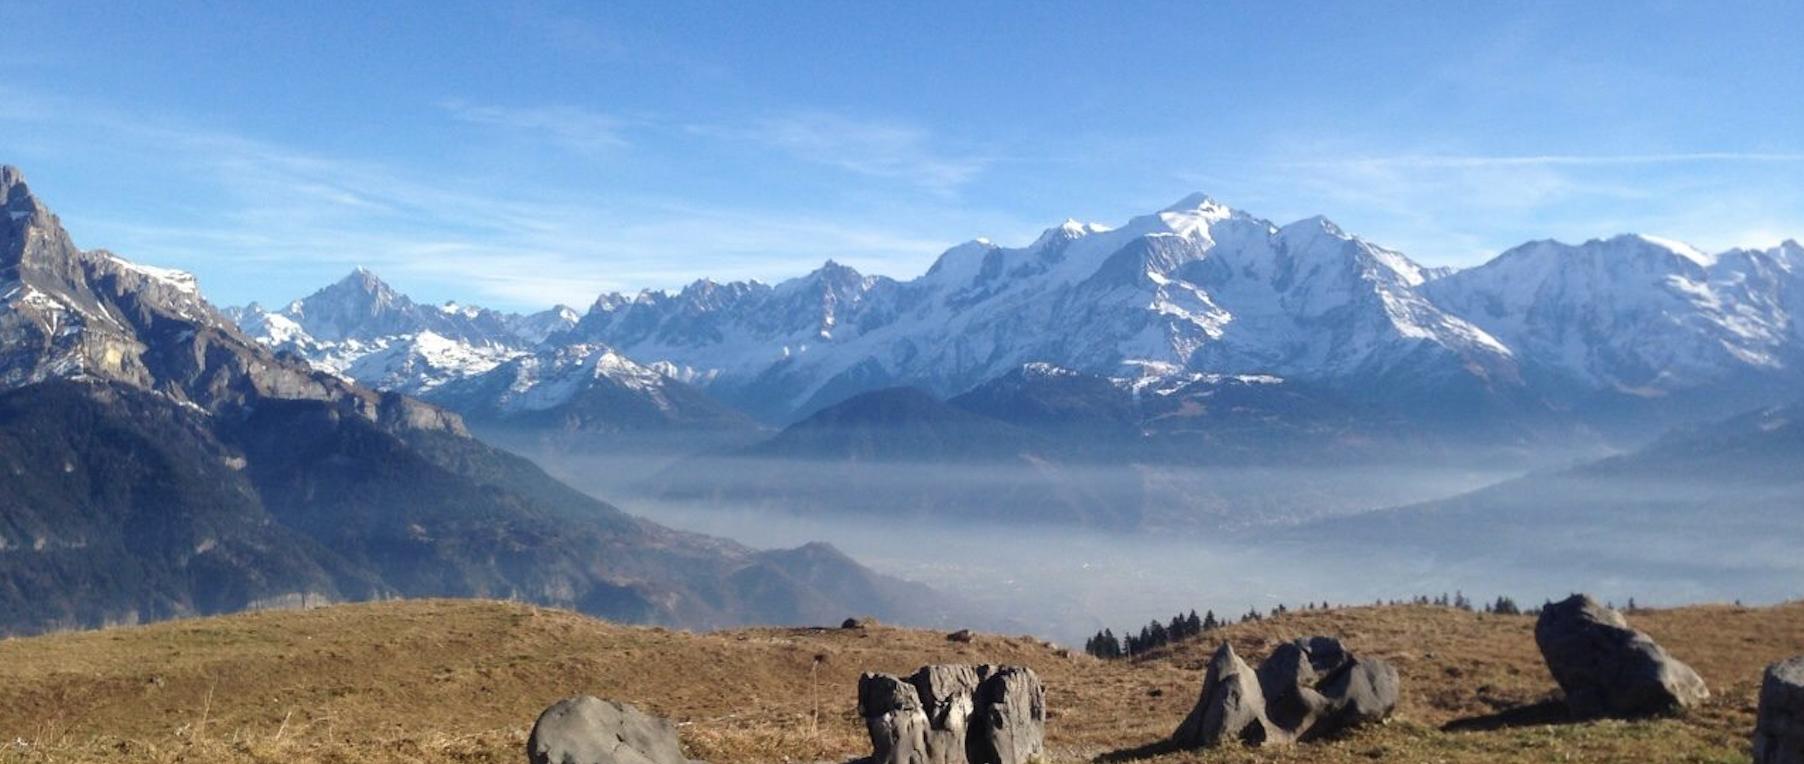 Le pays du Mont-blanc sous un voile de pollution - Décembre 2016